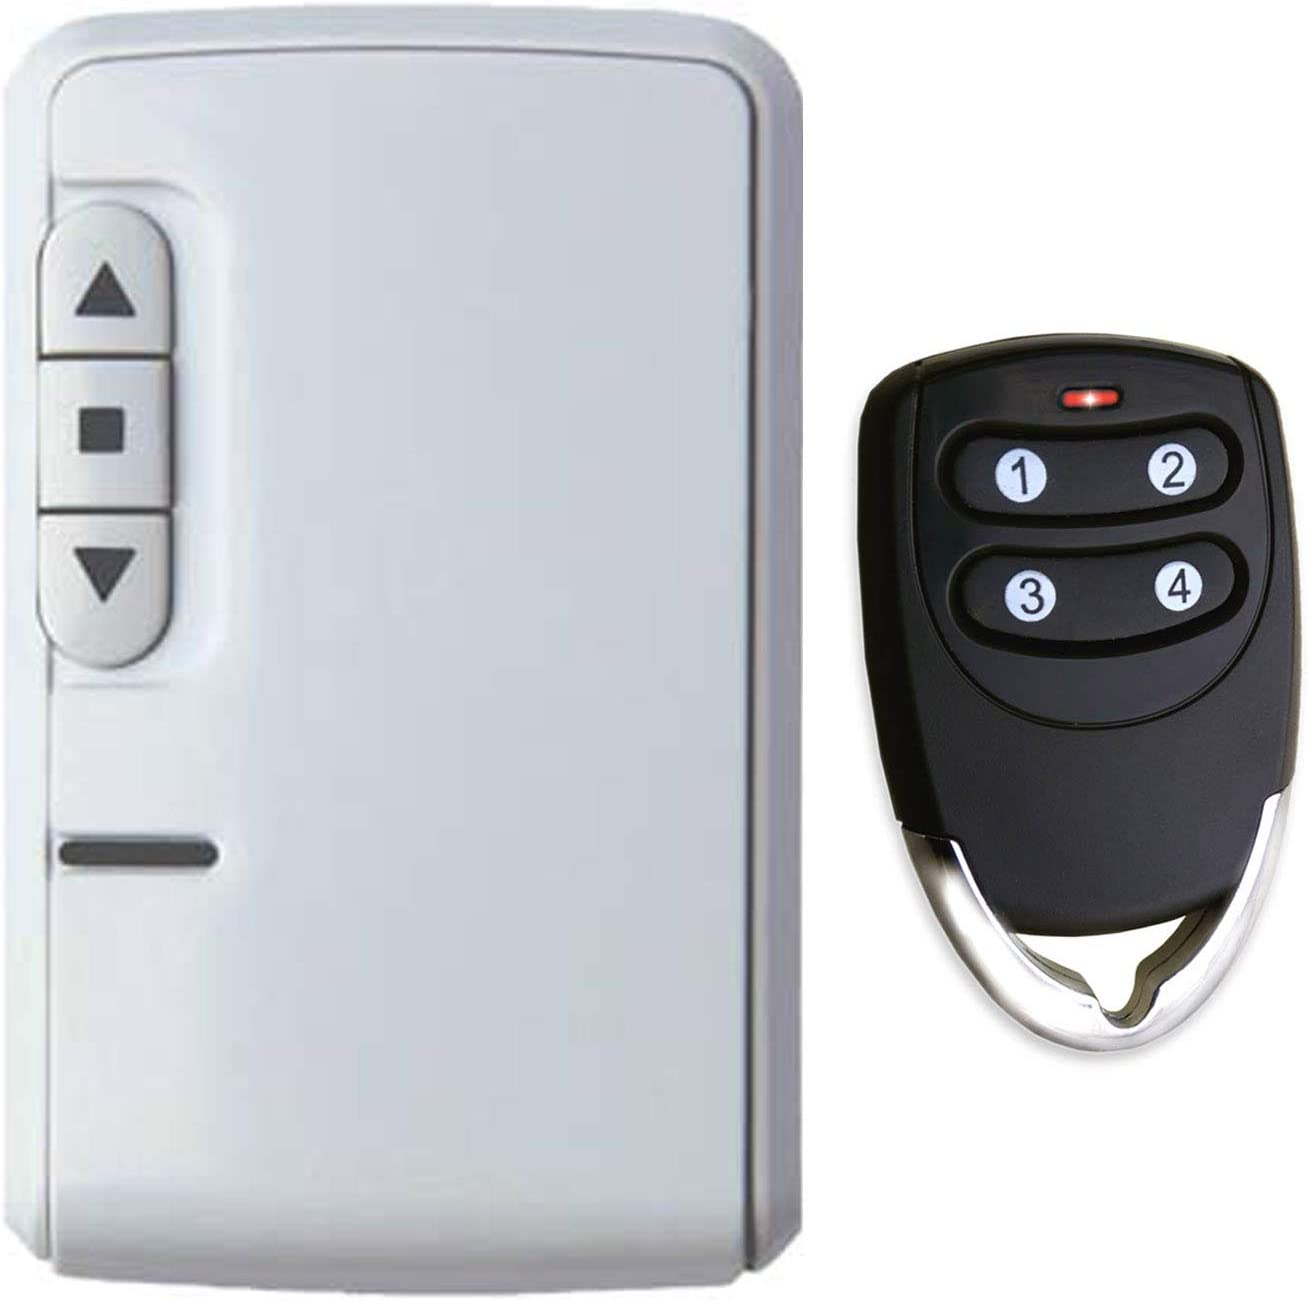 eMylo Smart Wireless RF Contr/ôleur de moteur Commutateur de relais Module 220V Moteur T/él/écommande Commutateur 90V-250V pour porte roulante//Rideau /électrique//Pompe /à eau Commande Moteur Avant//Arri/ère